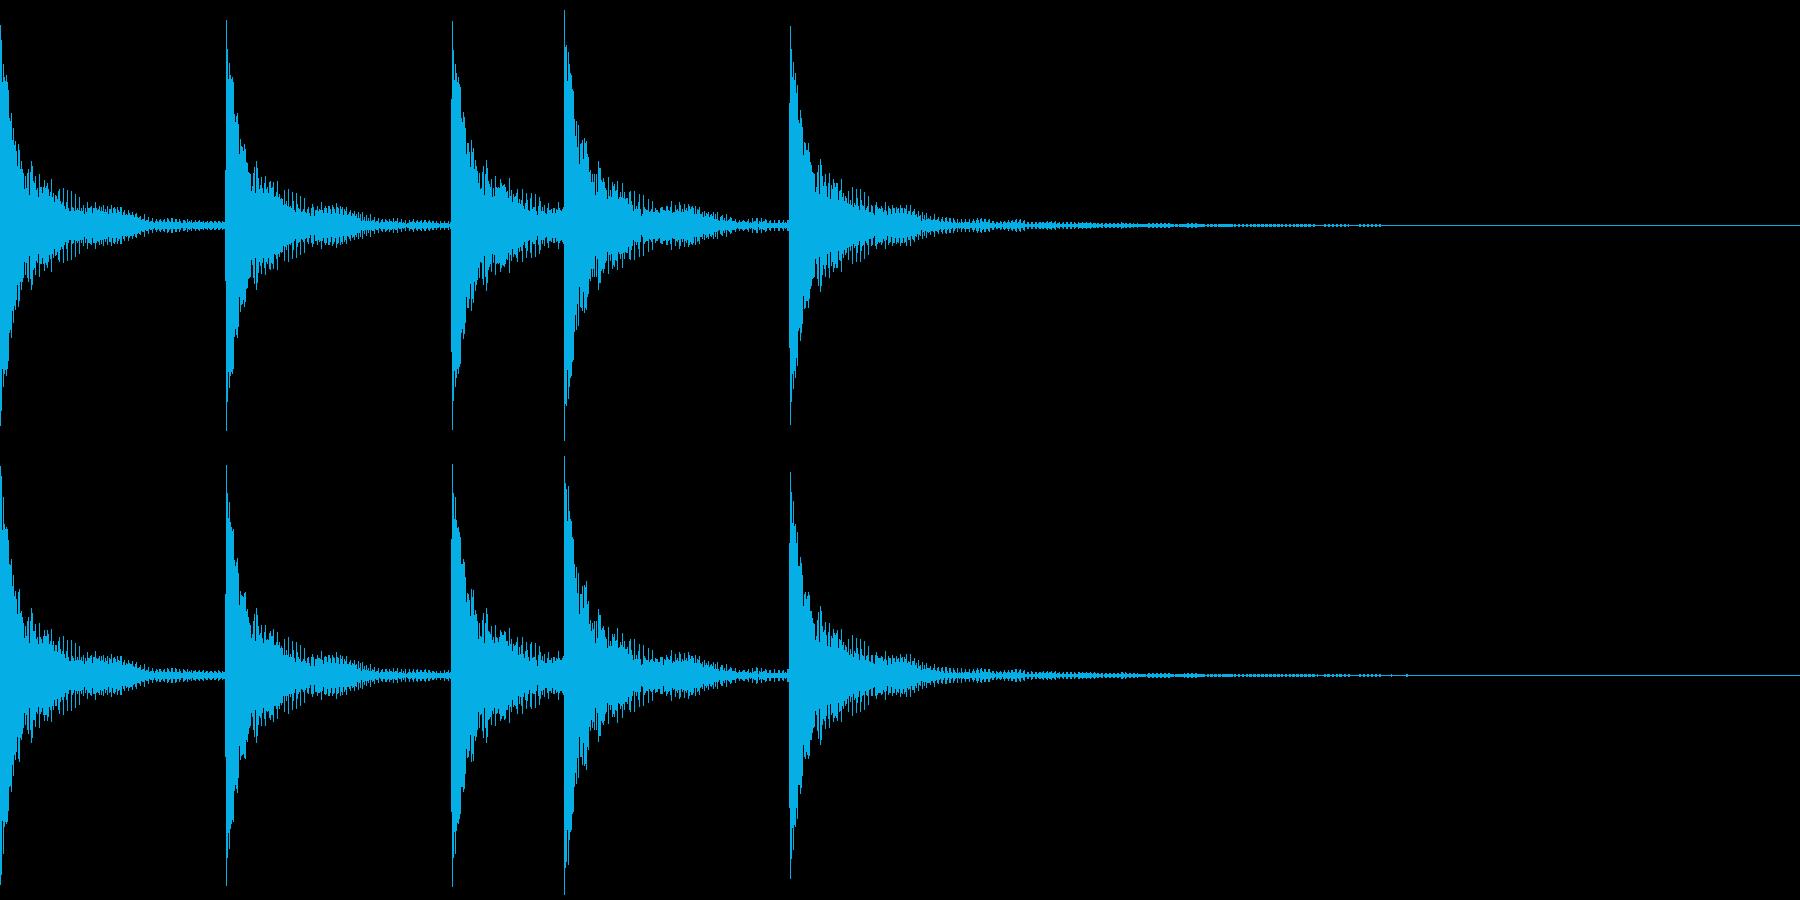 シンプルなジングルその5の再生済みの波形